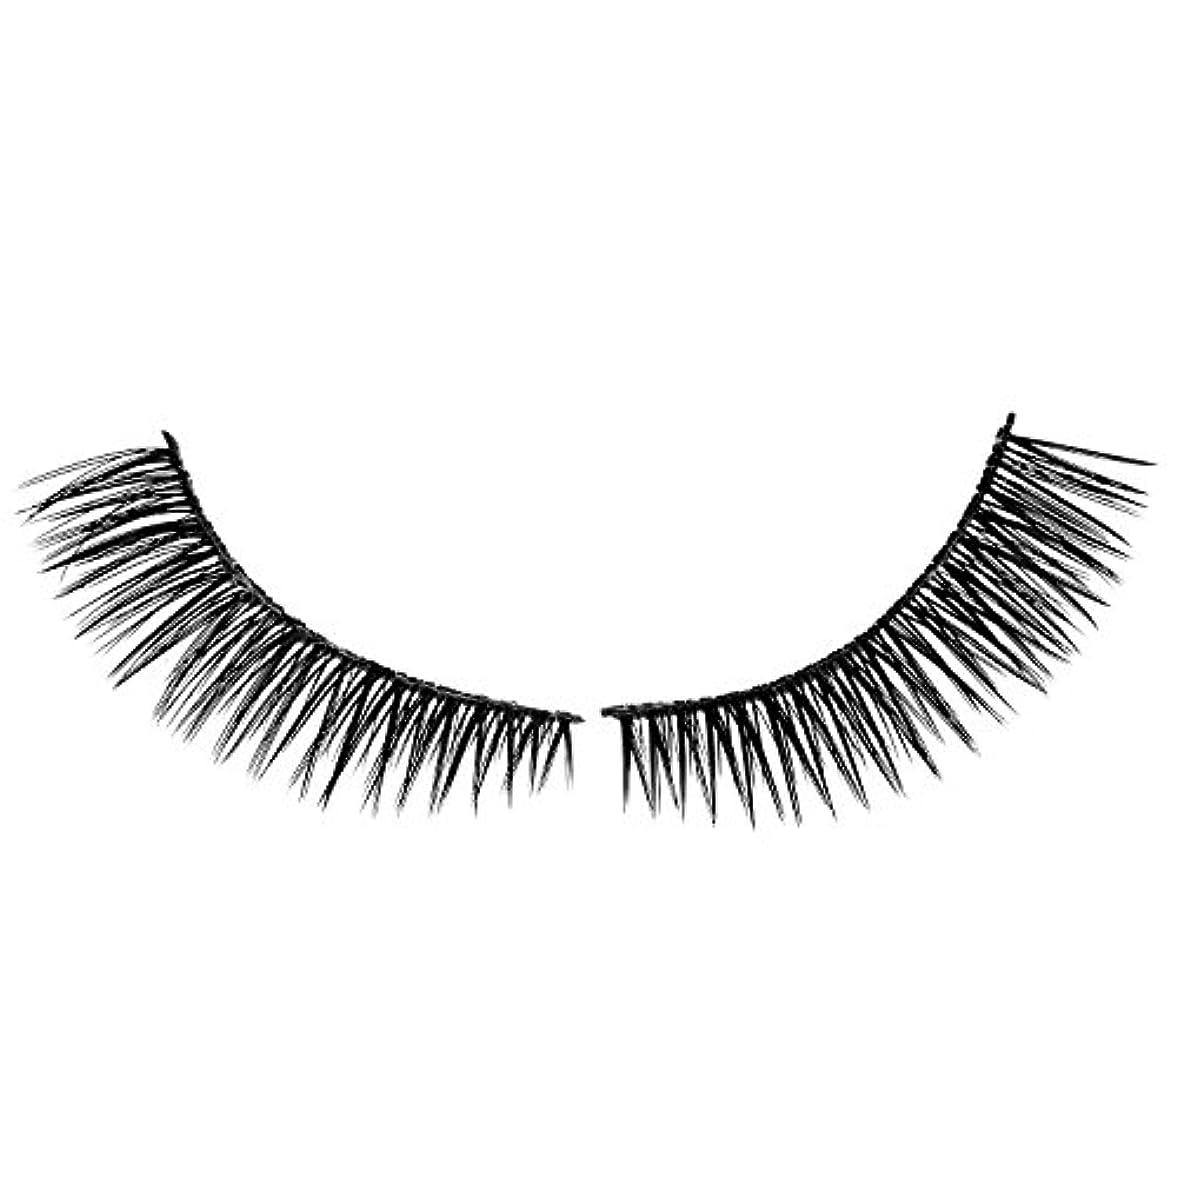 アクセント再開プーノSODIAL 1組つけまつげ人工睫毛自然美容メイクつけまつげ018